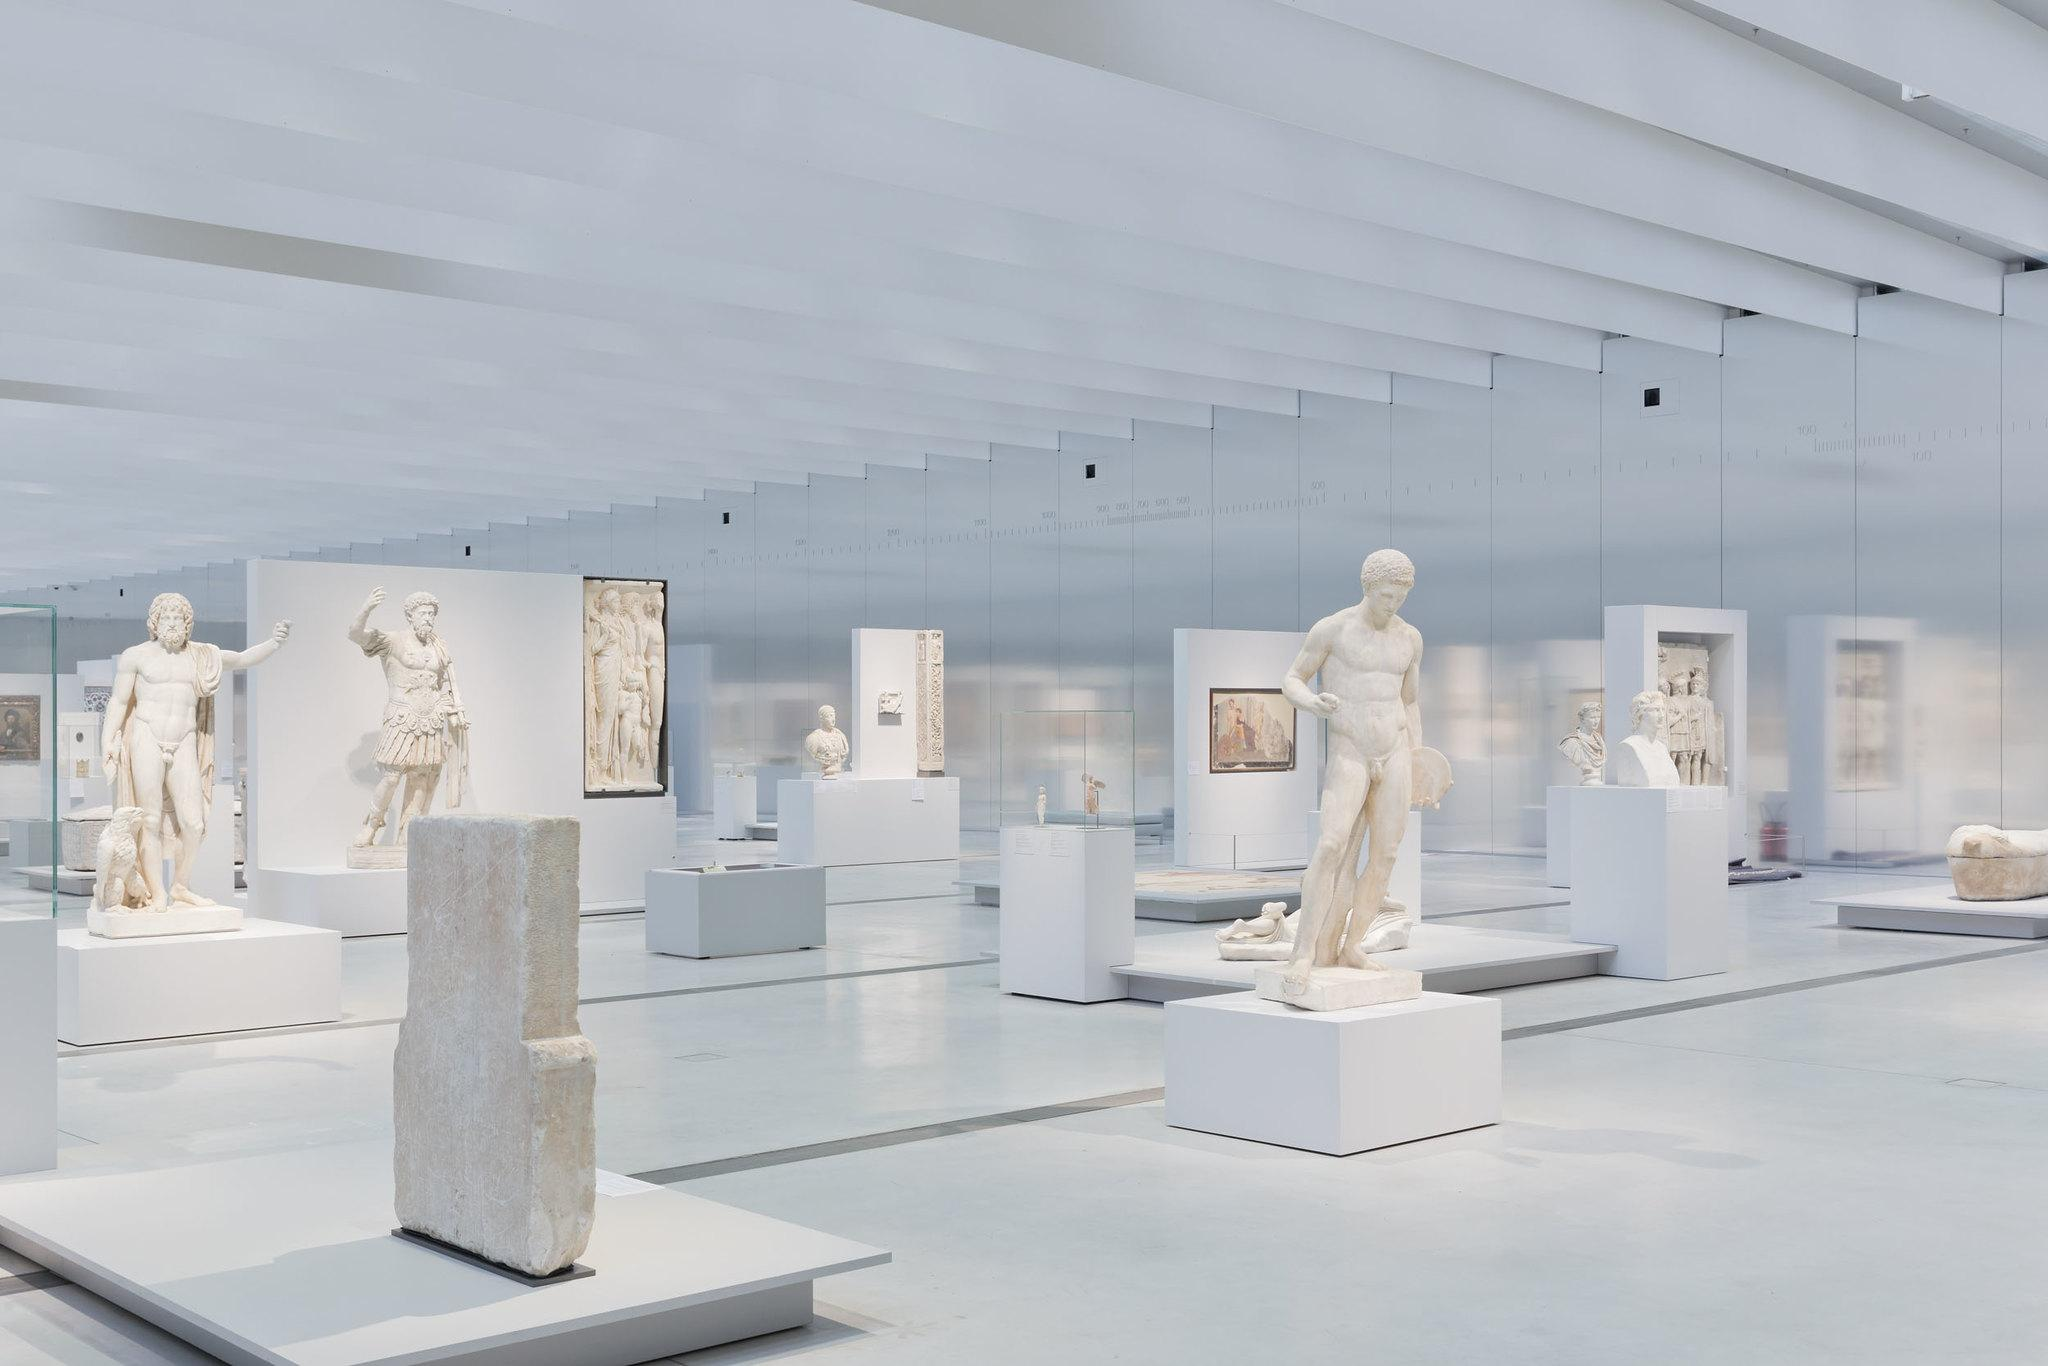 La Grande Galerie du Temps au Musée du Louvre-Lens © Iwan Baan